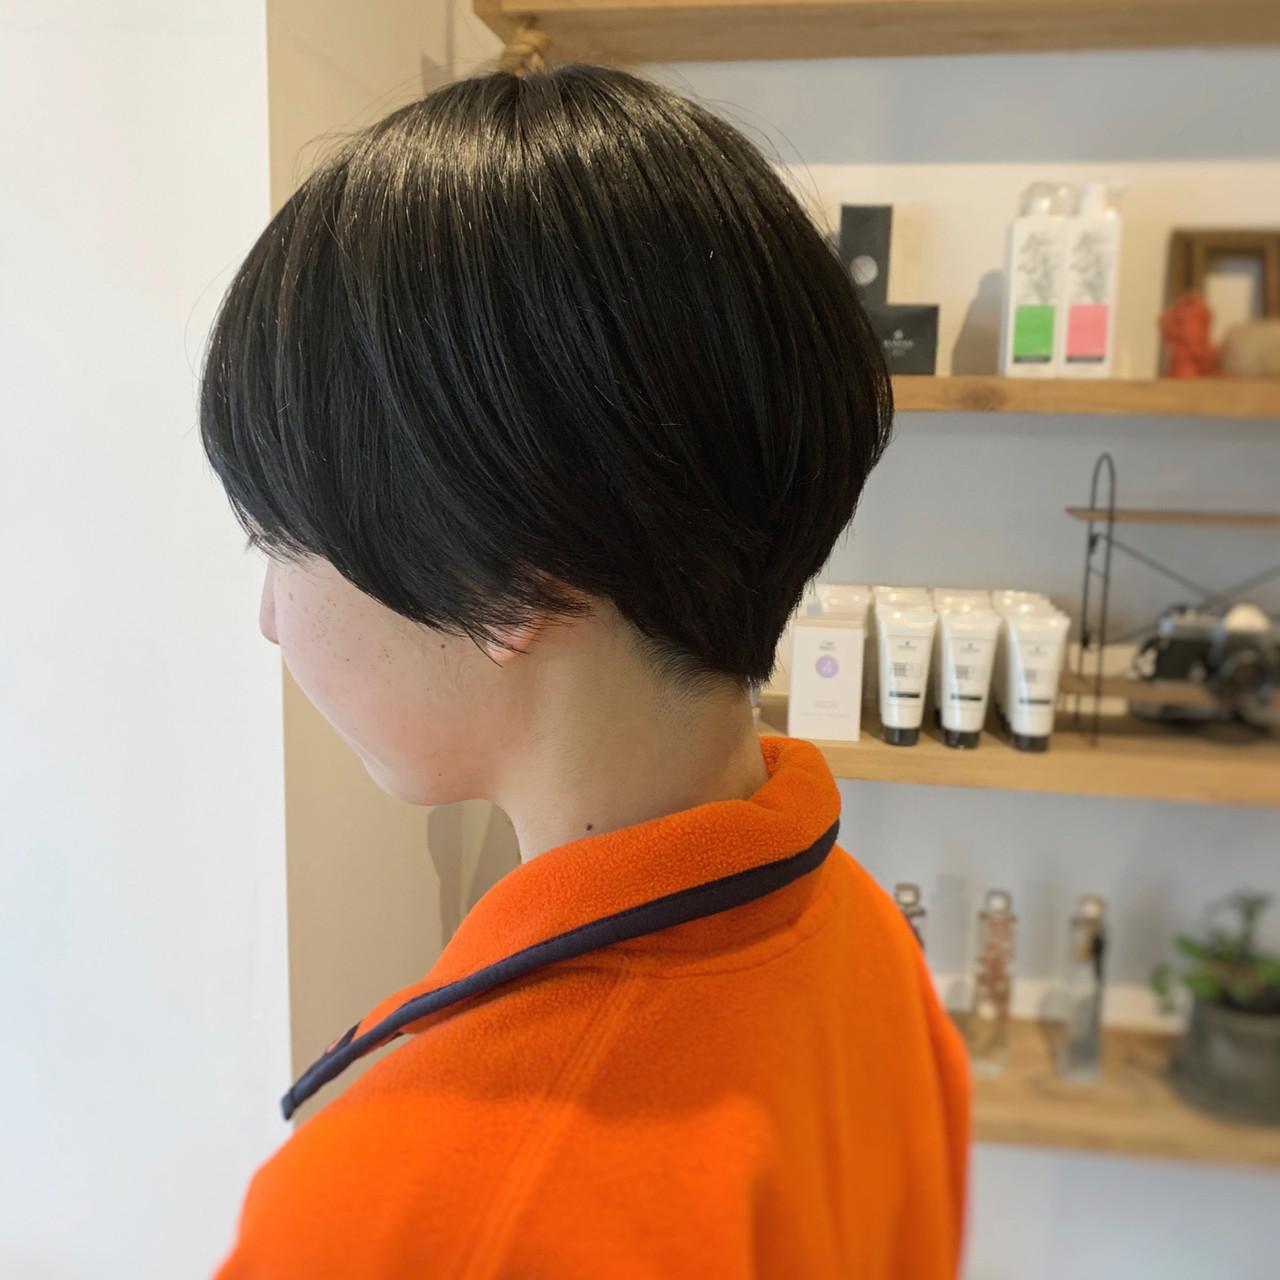 マッシュショート ハンサムショート ショートヘア ベリーショート ヘアスタイルや髪型の写真・画像 | 谷川 未来 / Lauburu bat.hair渋谷2号店